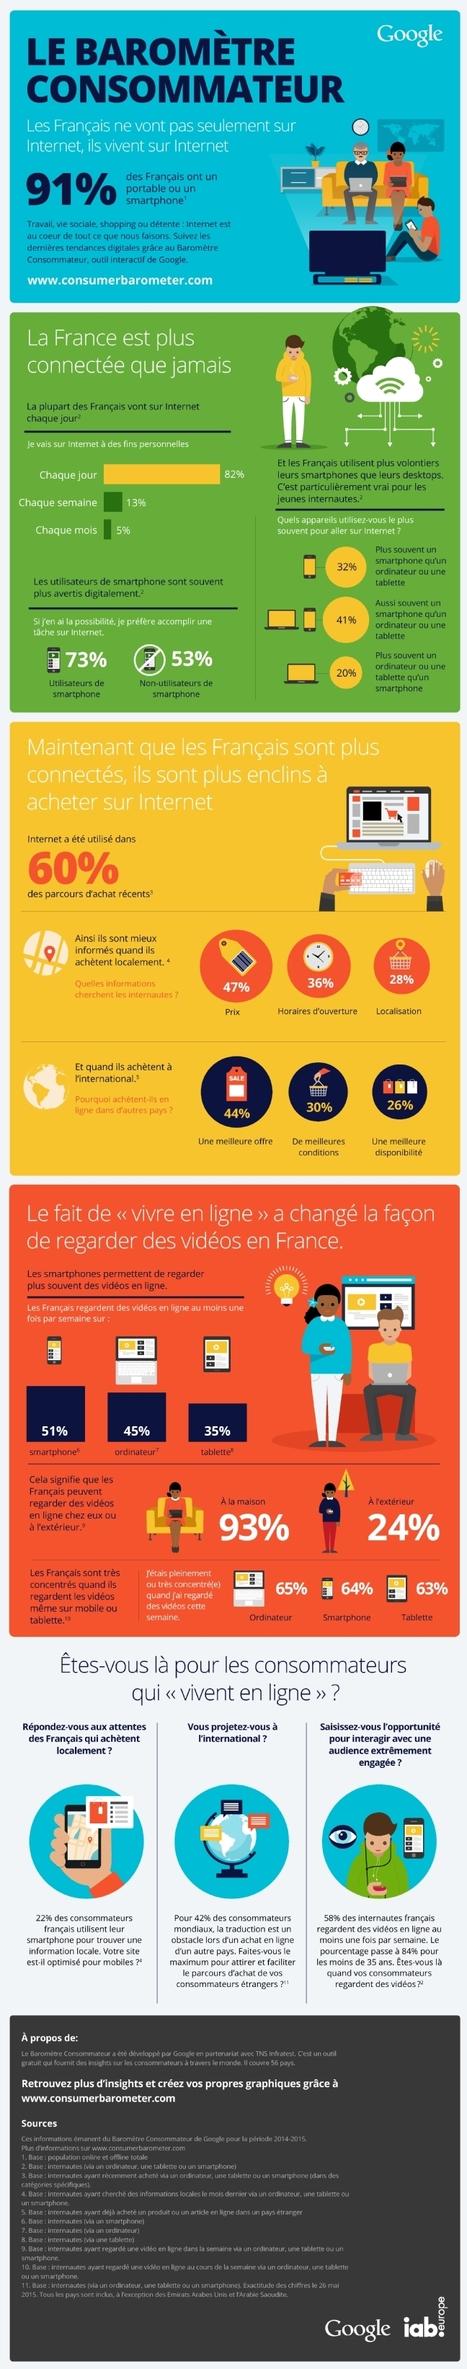 Infographie | [Infographie] La baromètre consommateur 2015 de Google | transition digitale : RSE, community manager, collaboration | Scoop.it